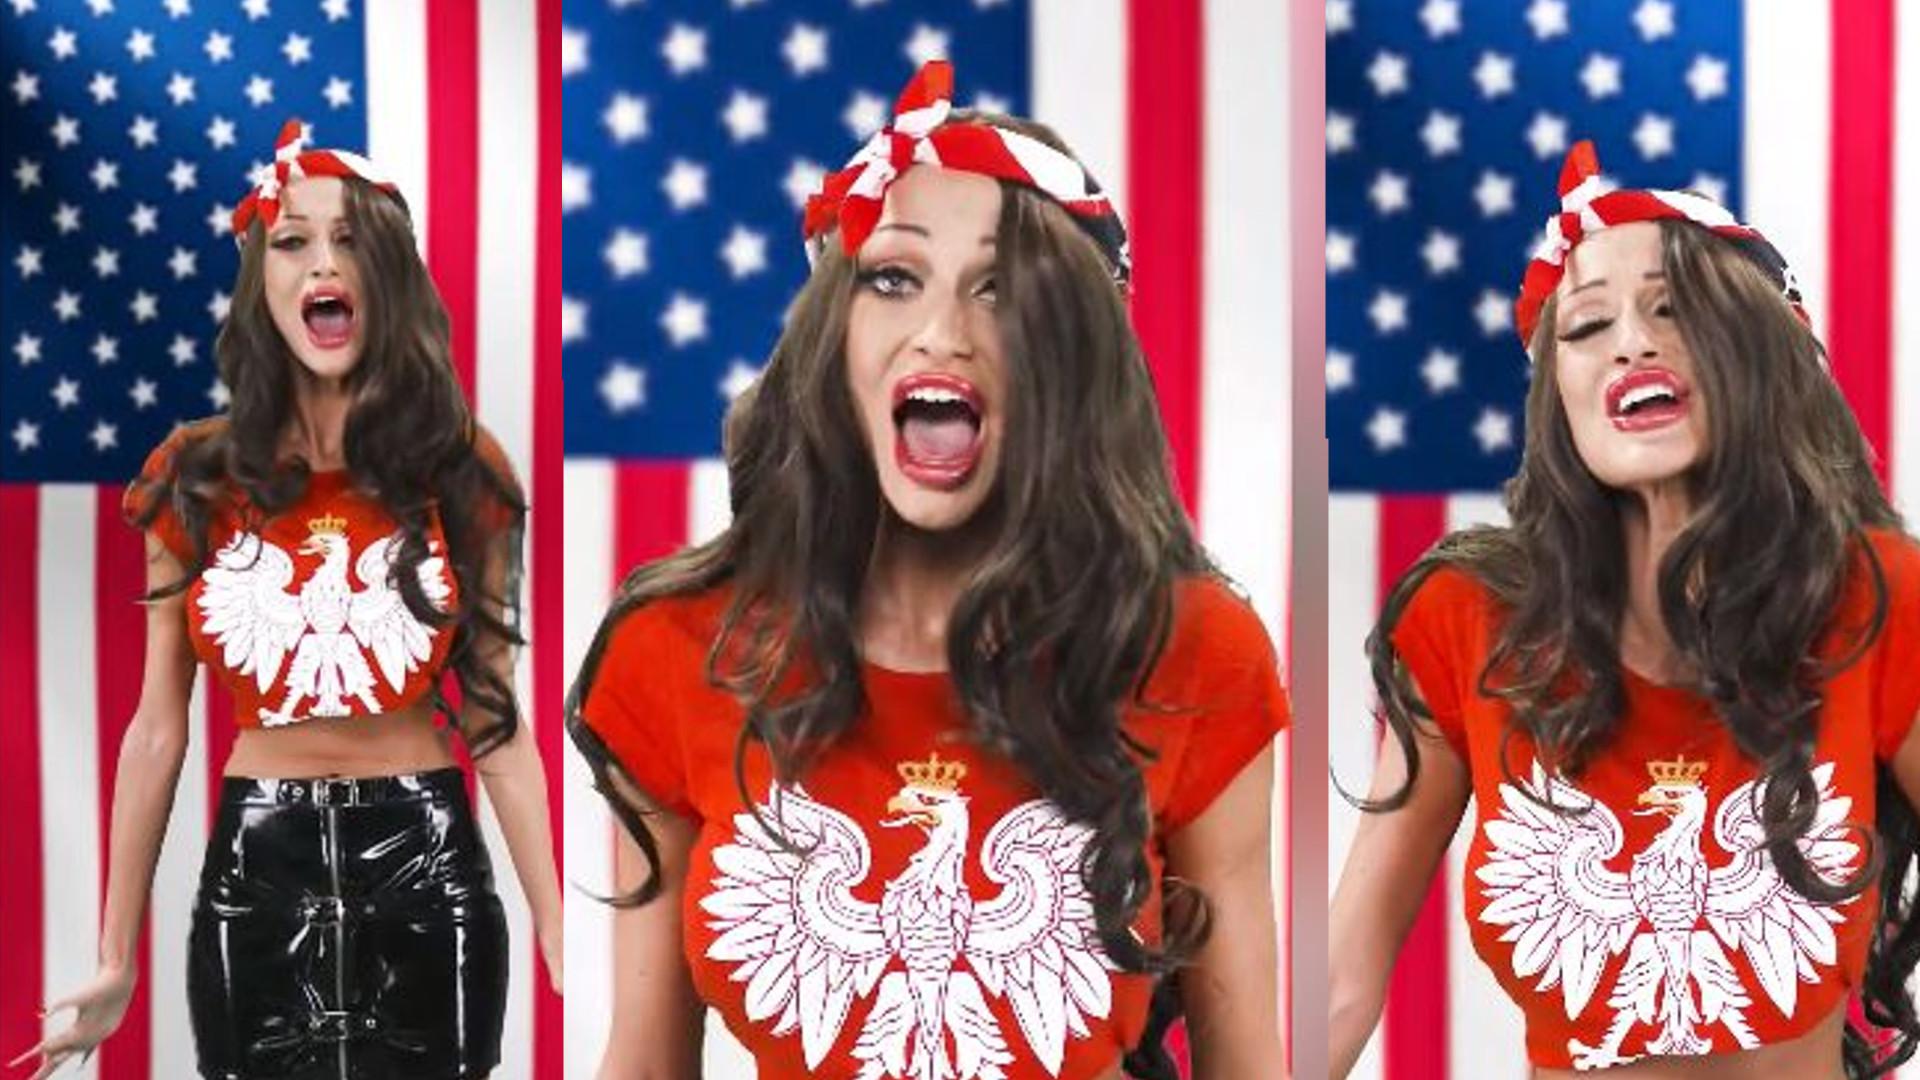 MASAKRA! Małgorzata Godlewska śpiewa hymn Ameryki. Internauci: Po tym na bank NIE ZNIOSĄ WIZ!